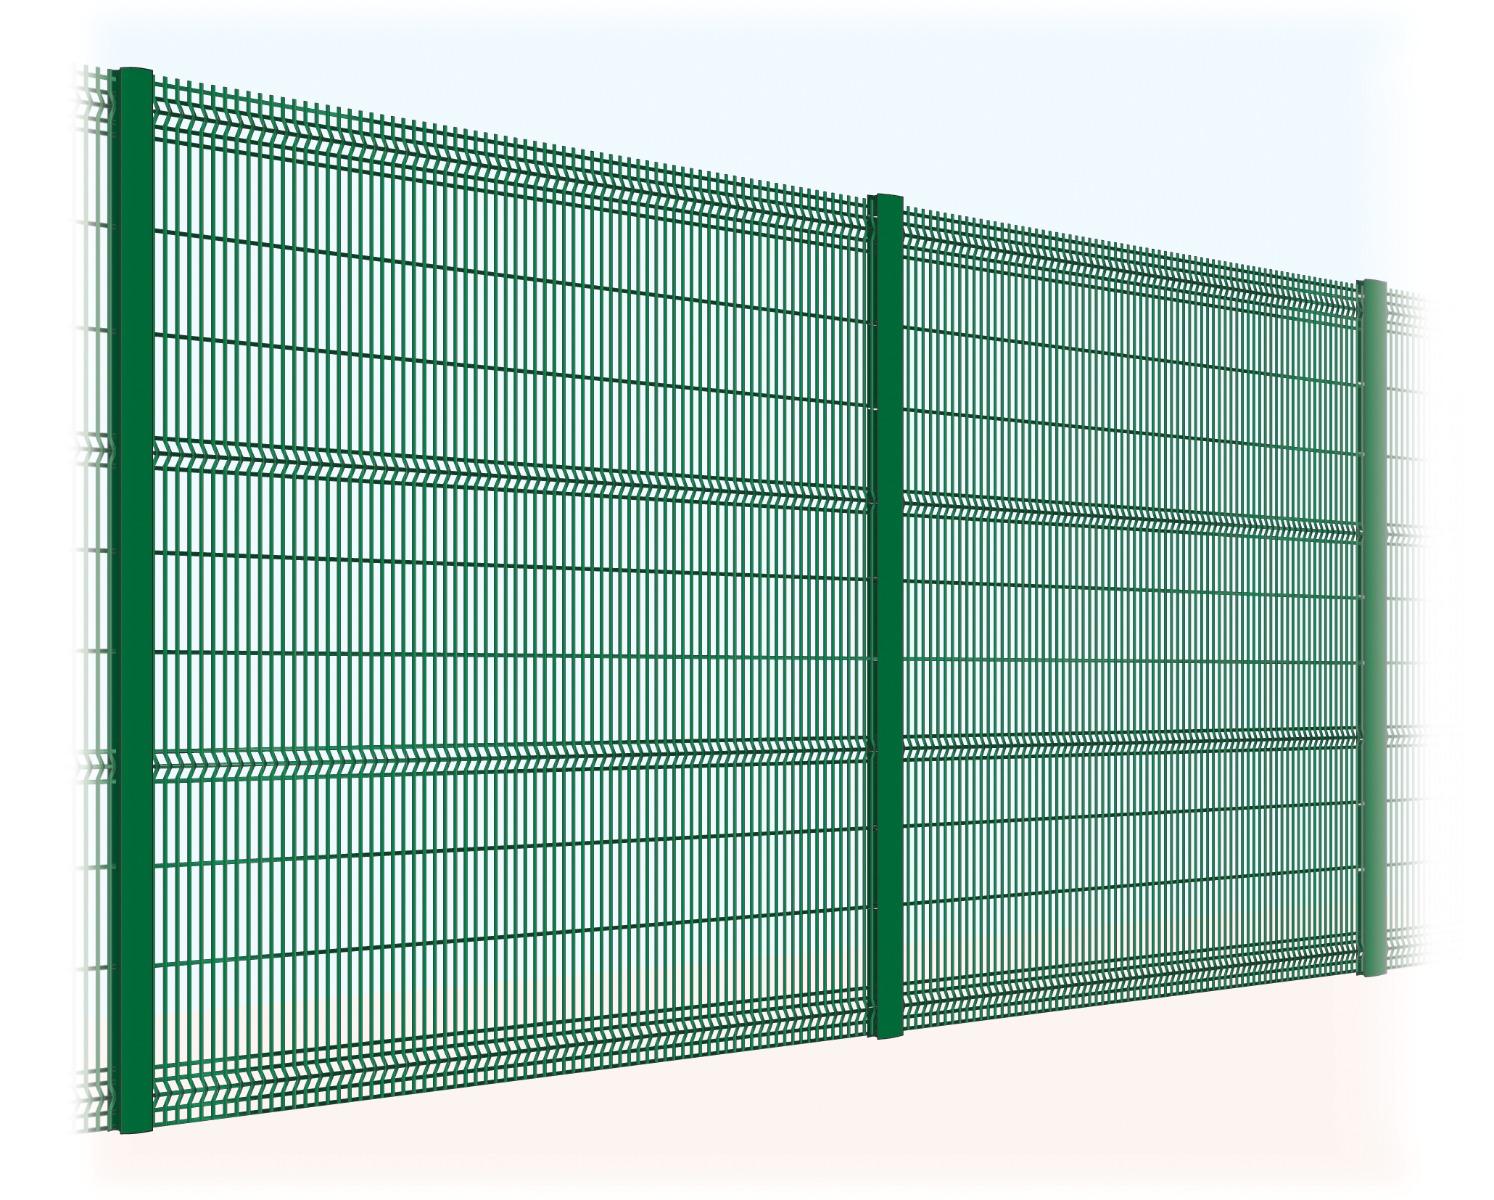 8_-_200x30_mesh_4.jpg